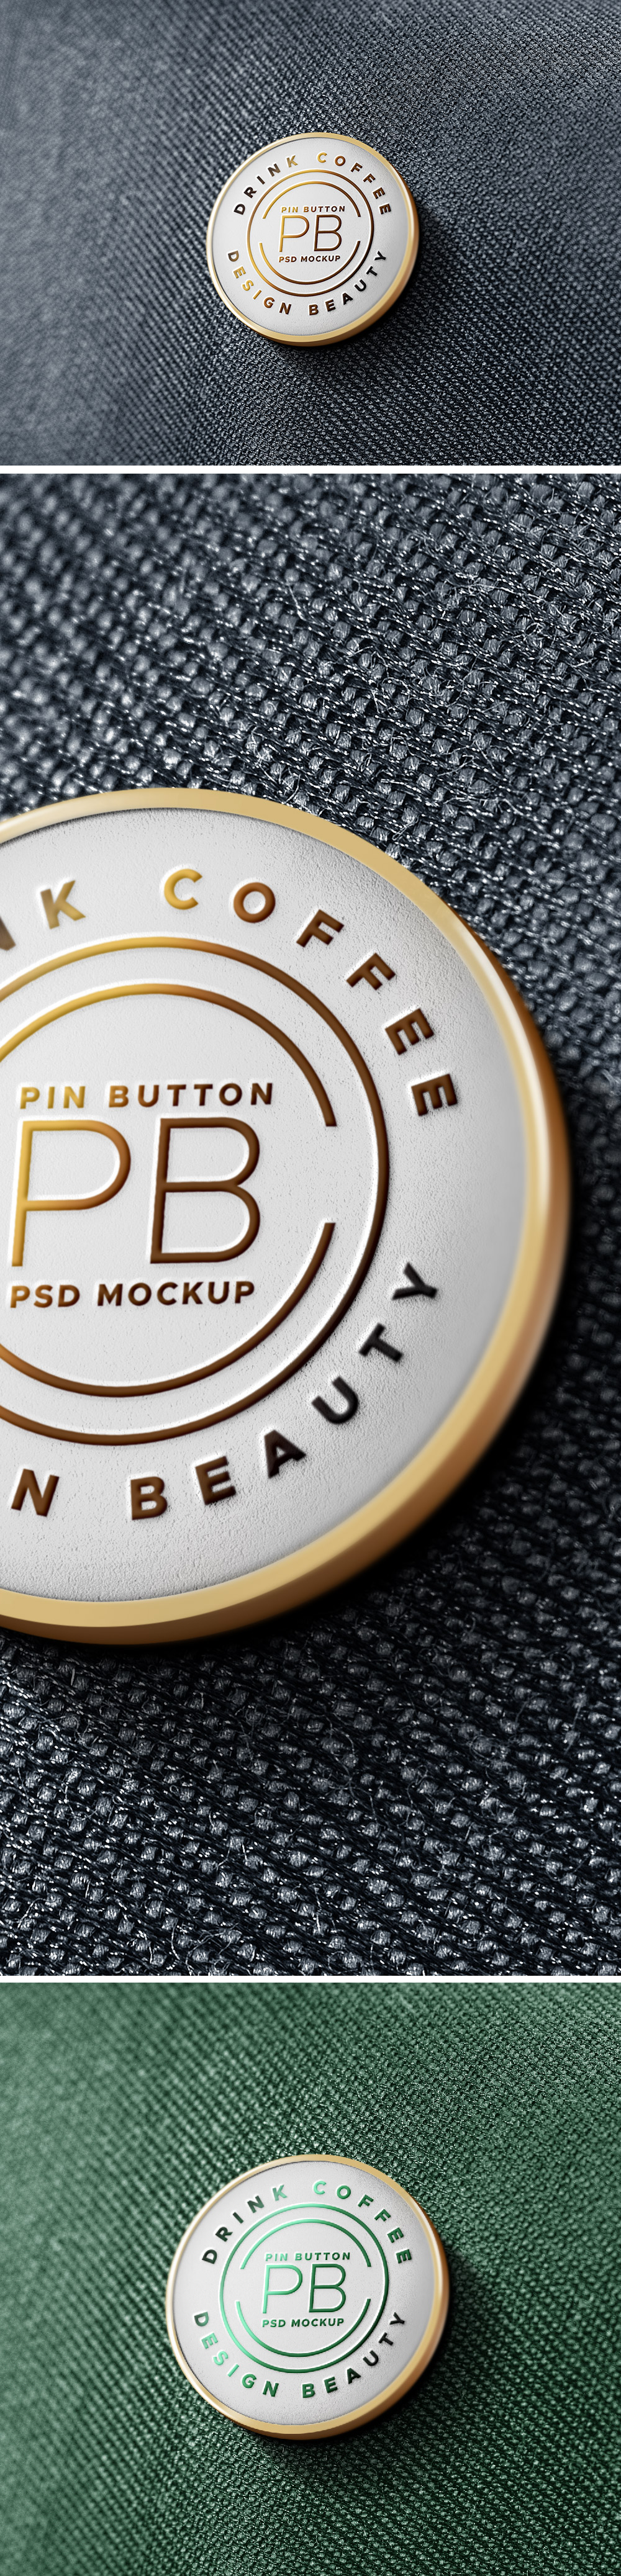 Pin Badge Mockup PSD